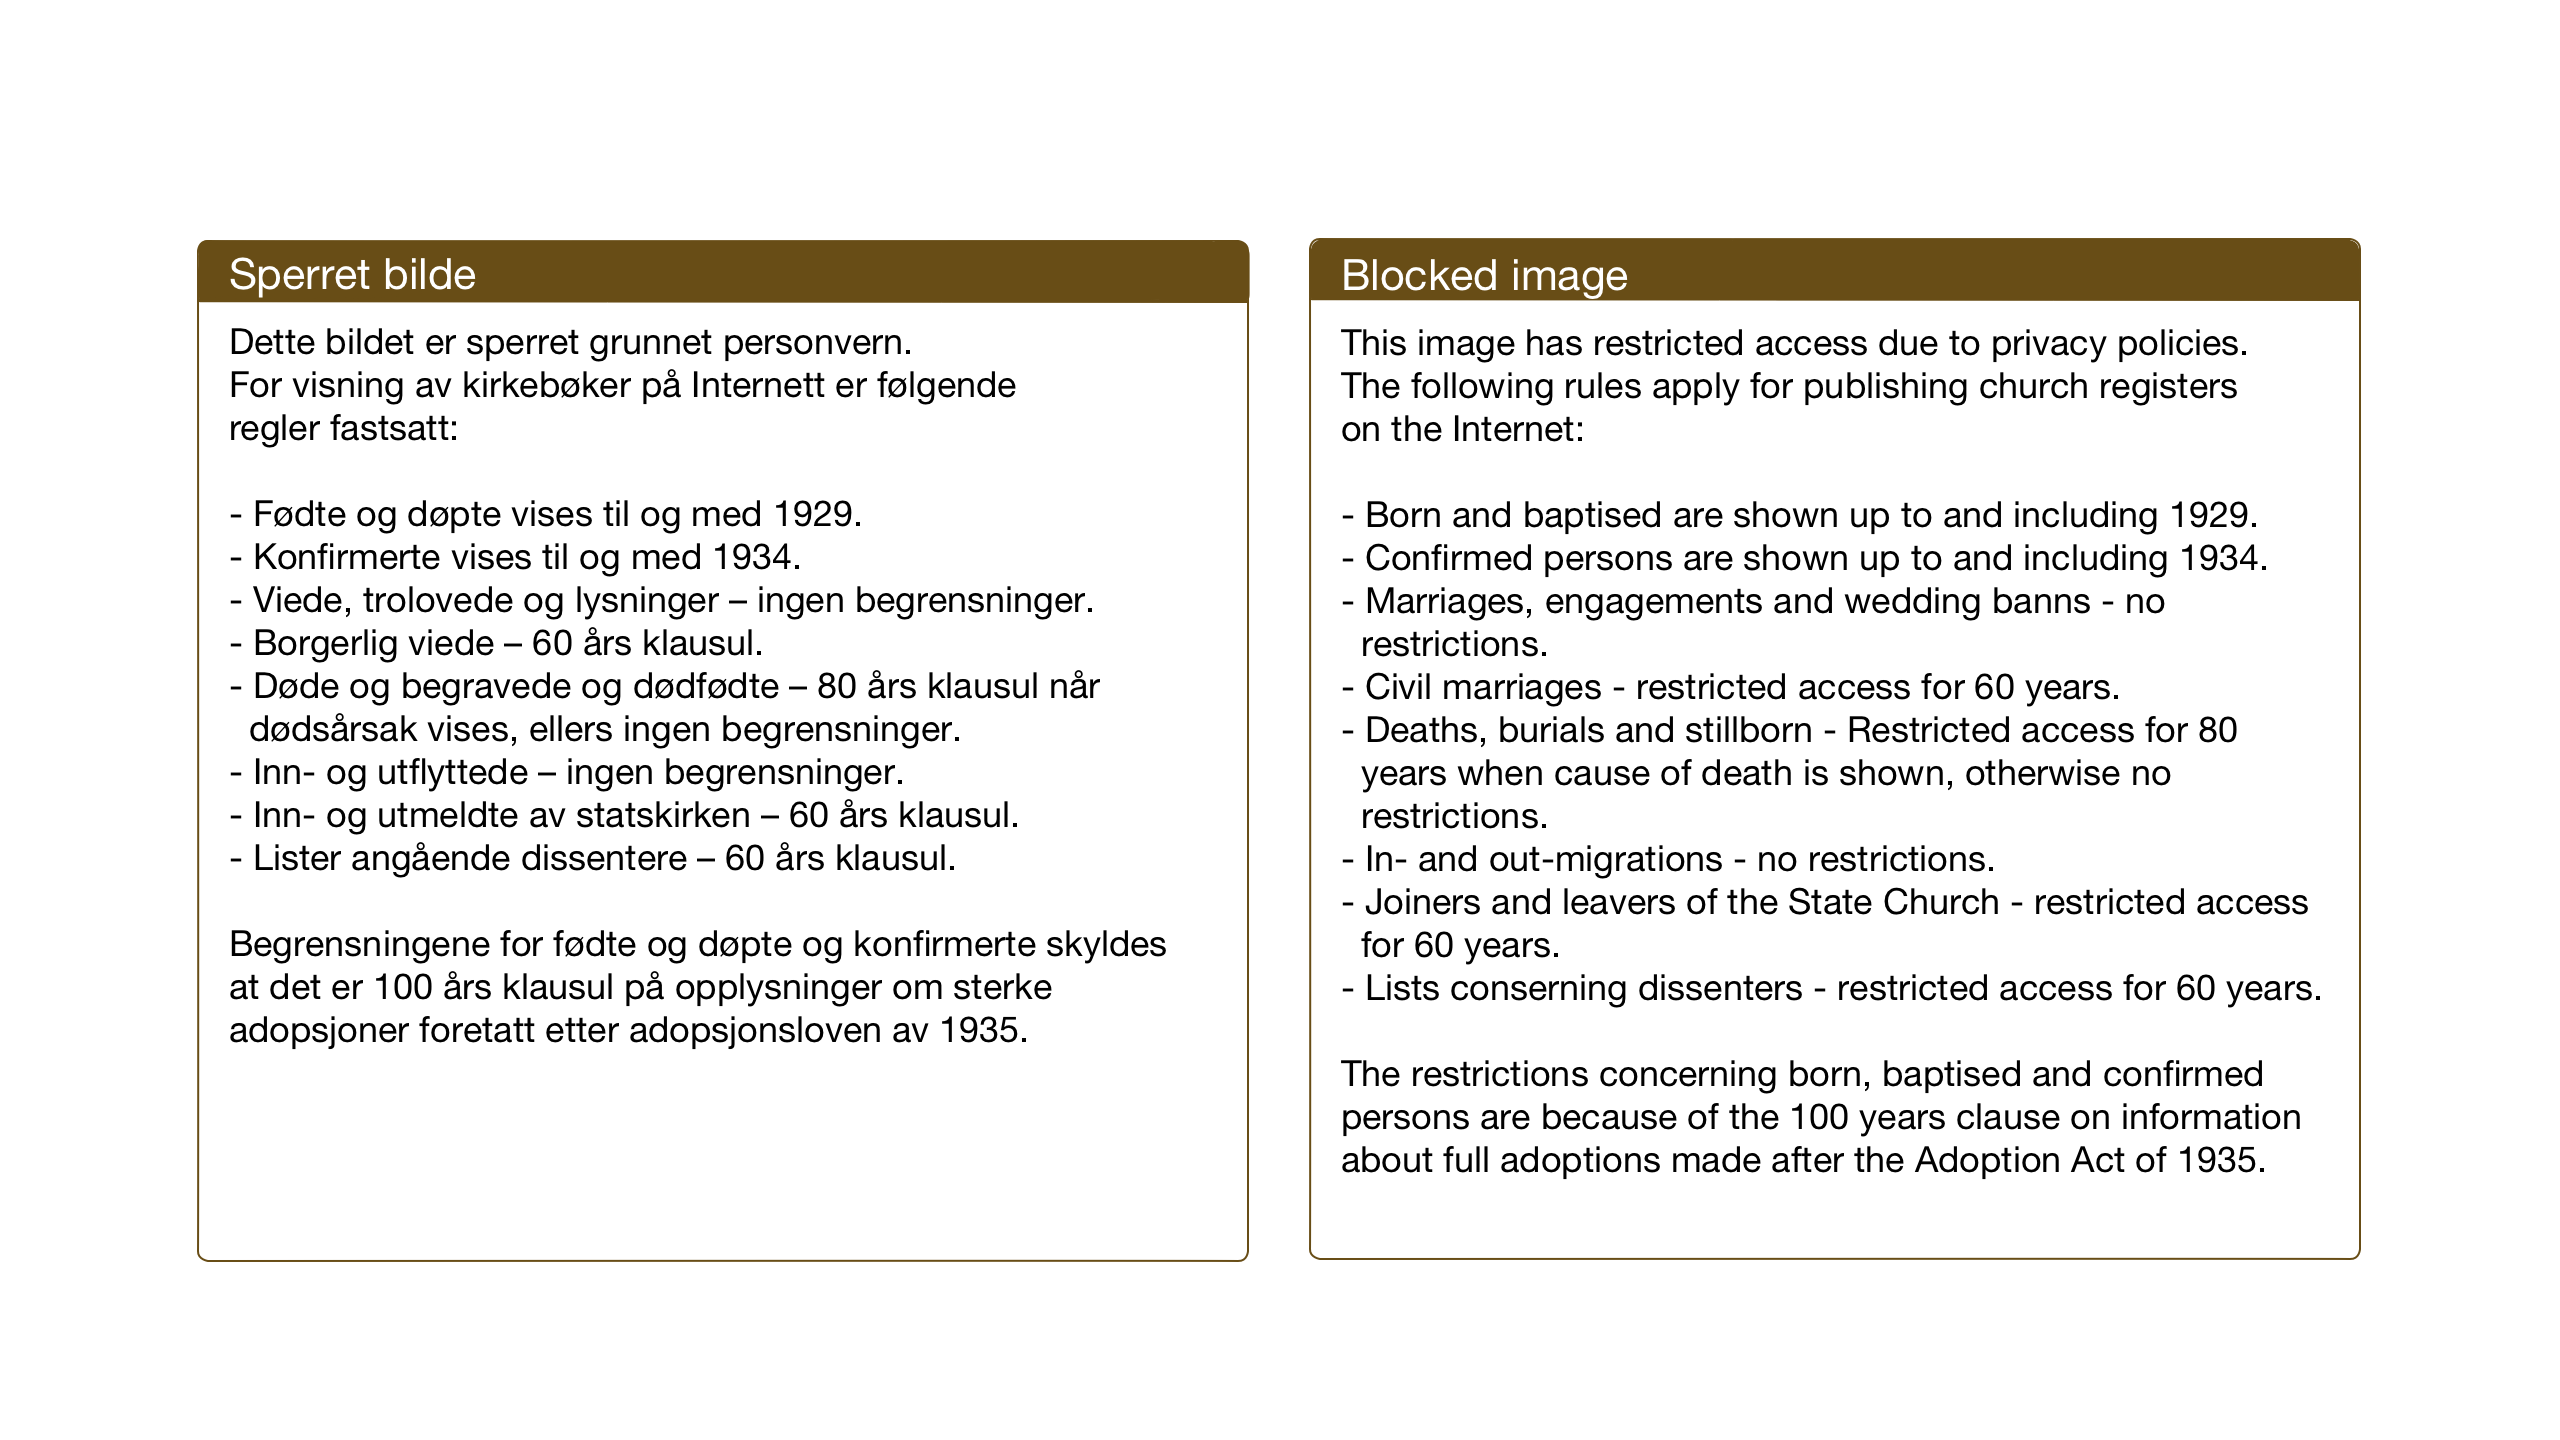 SAT, Ministerialprotokoller, klokkerbøker og fødselsregistre - Sør-Trøndelag, 618/L0454: Klokkerbok nr. 618C05, 1926-1946, s. 38